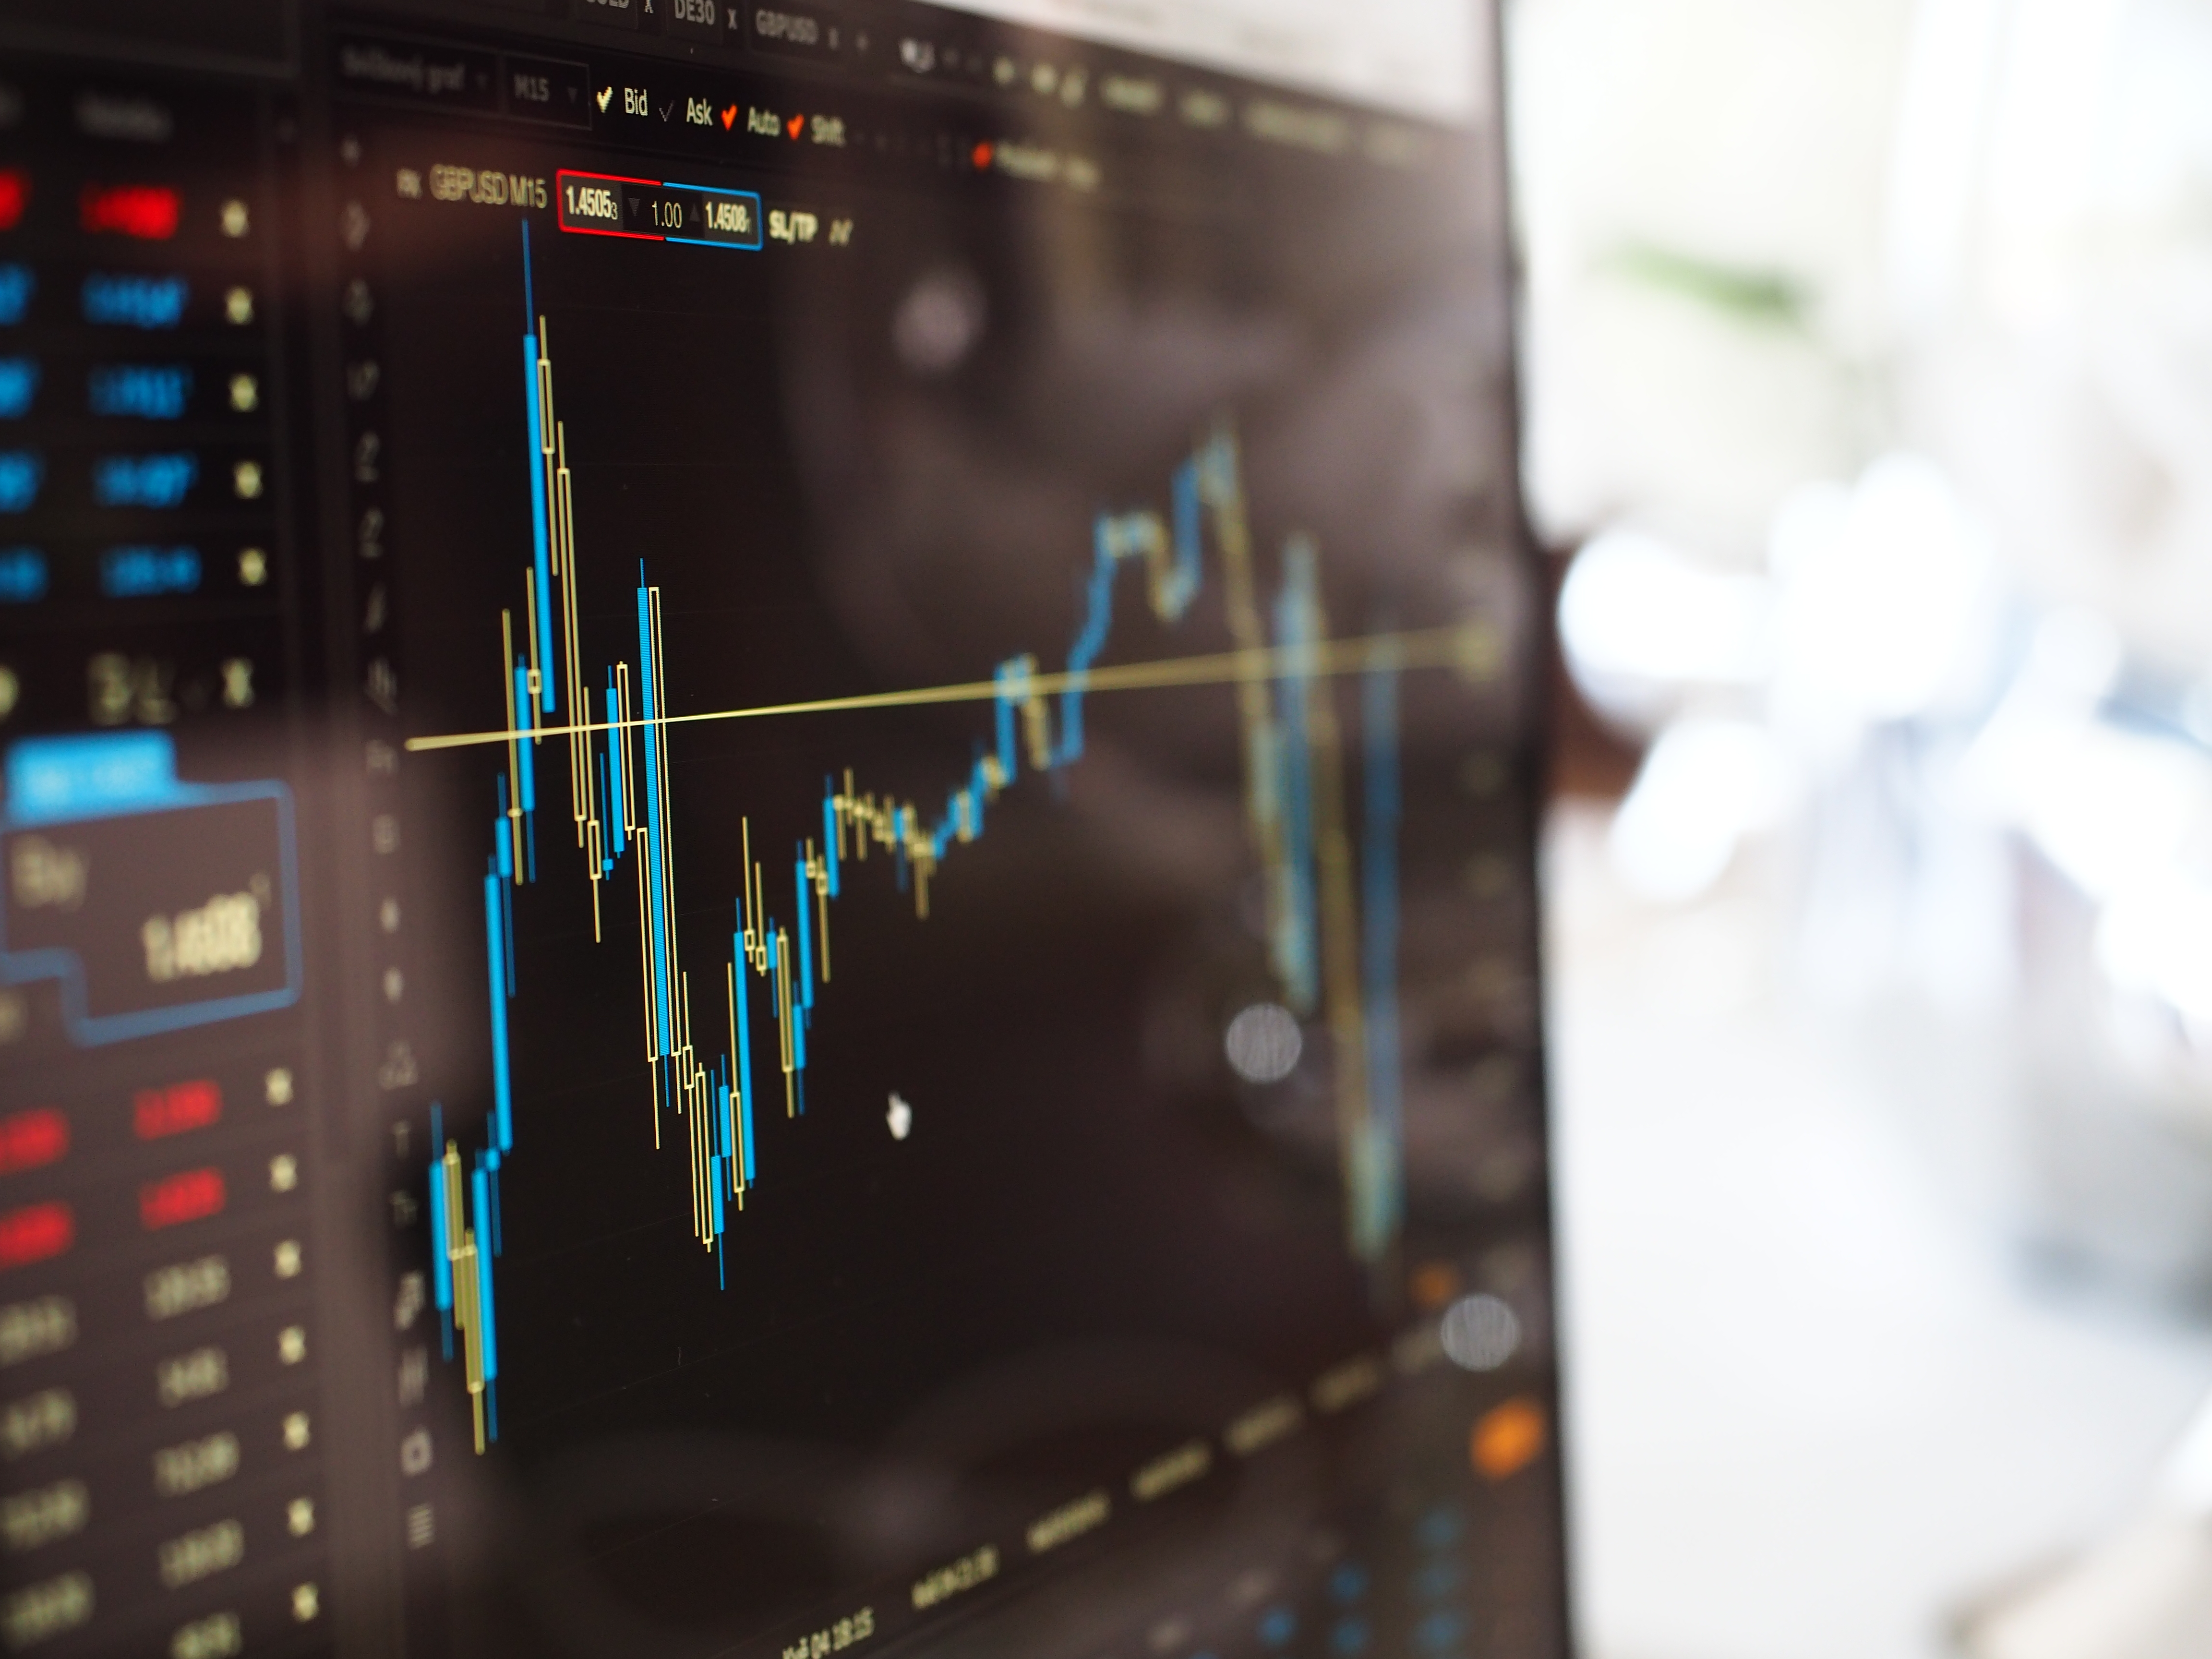 Повышение прозрачности деятельности дистрибьюторской компании для акционеров